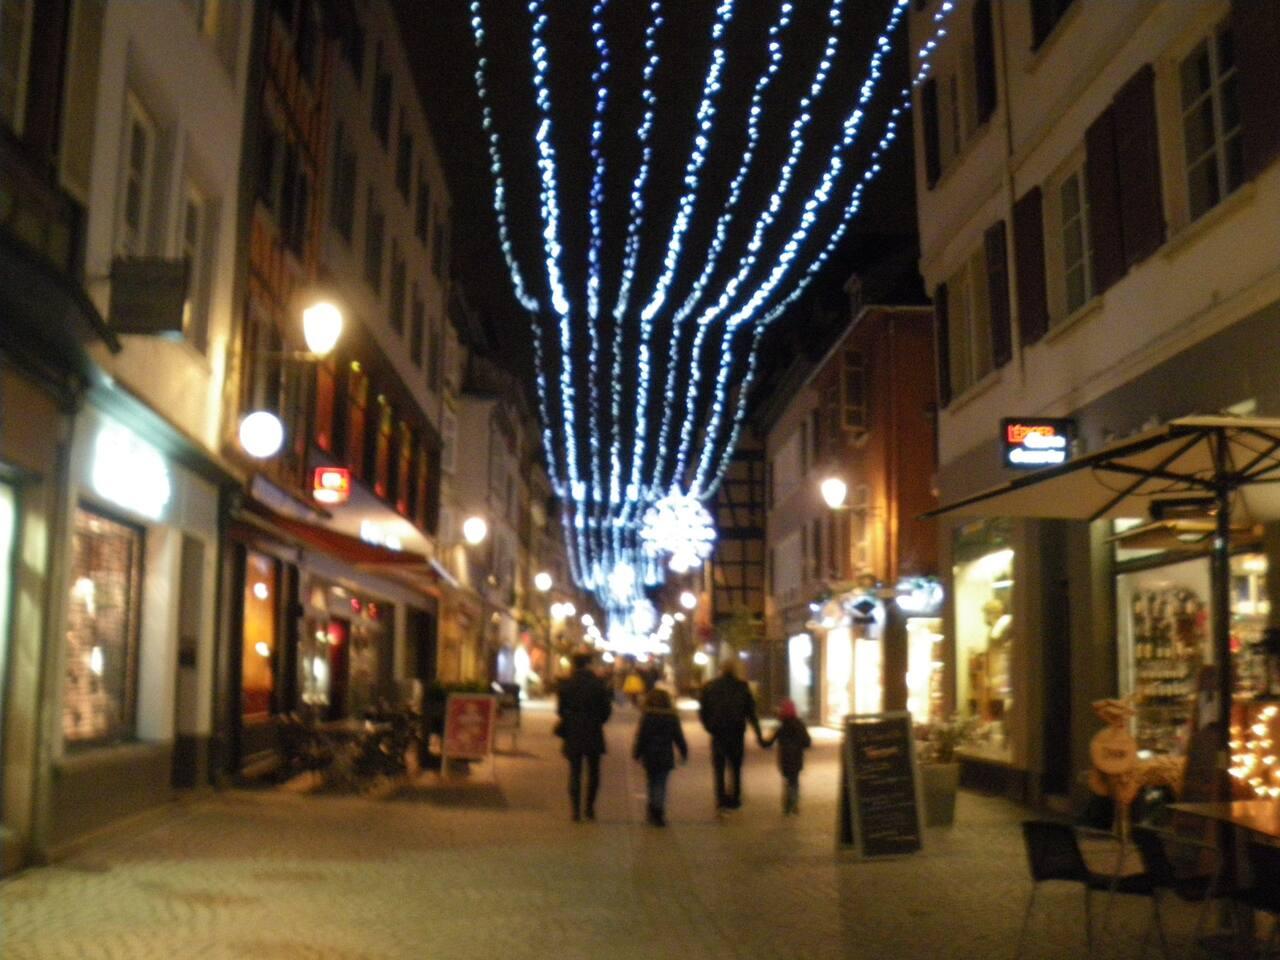 La grand rue et les illuminations de Noël, qui mène au premier marché de Noël le plus proche de l'appartement.